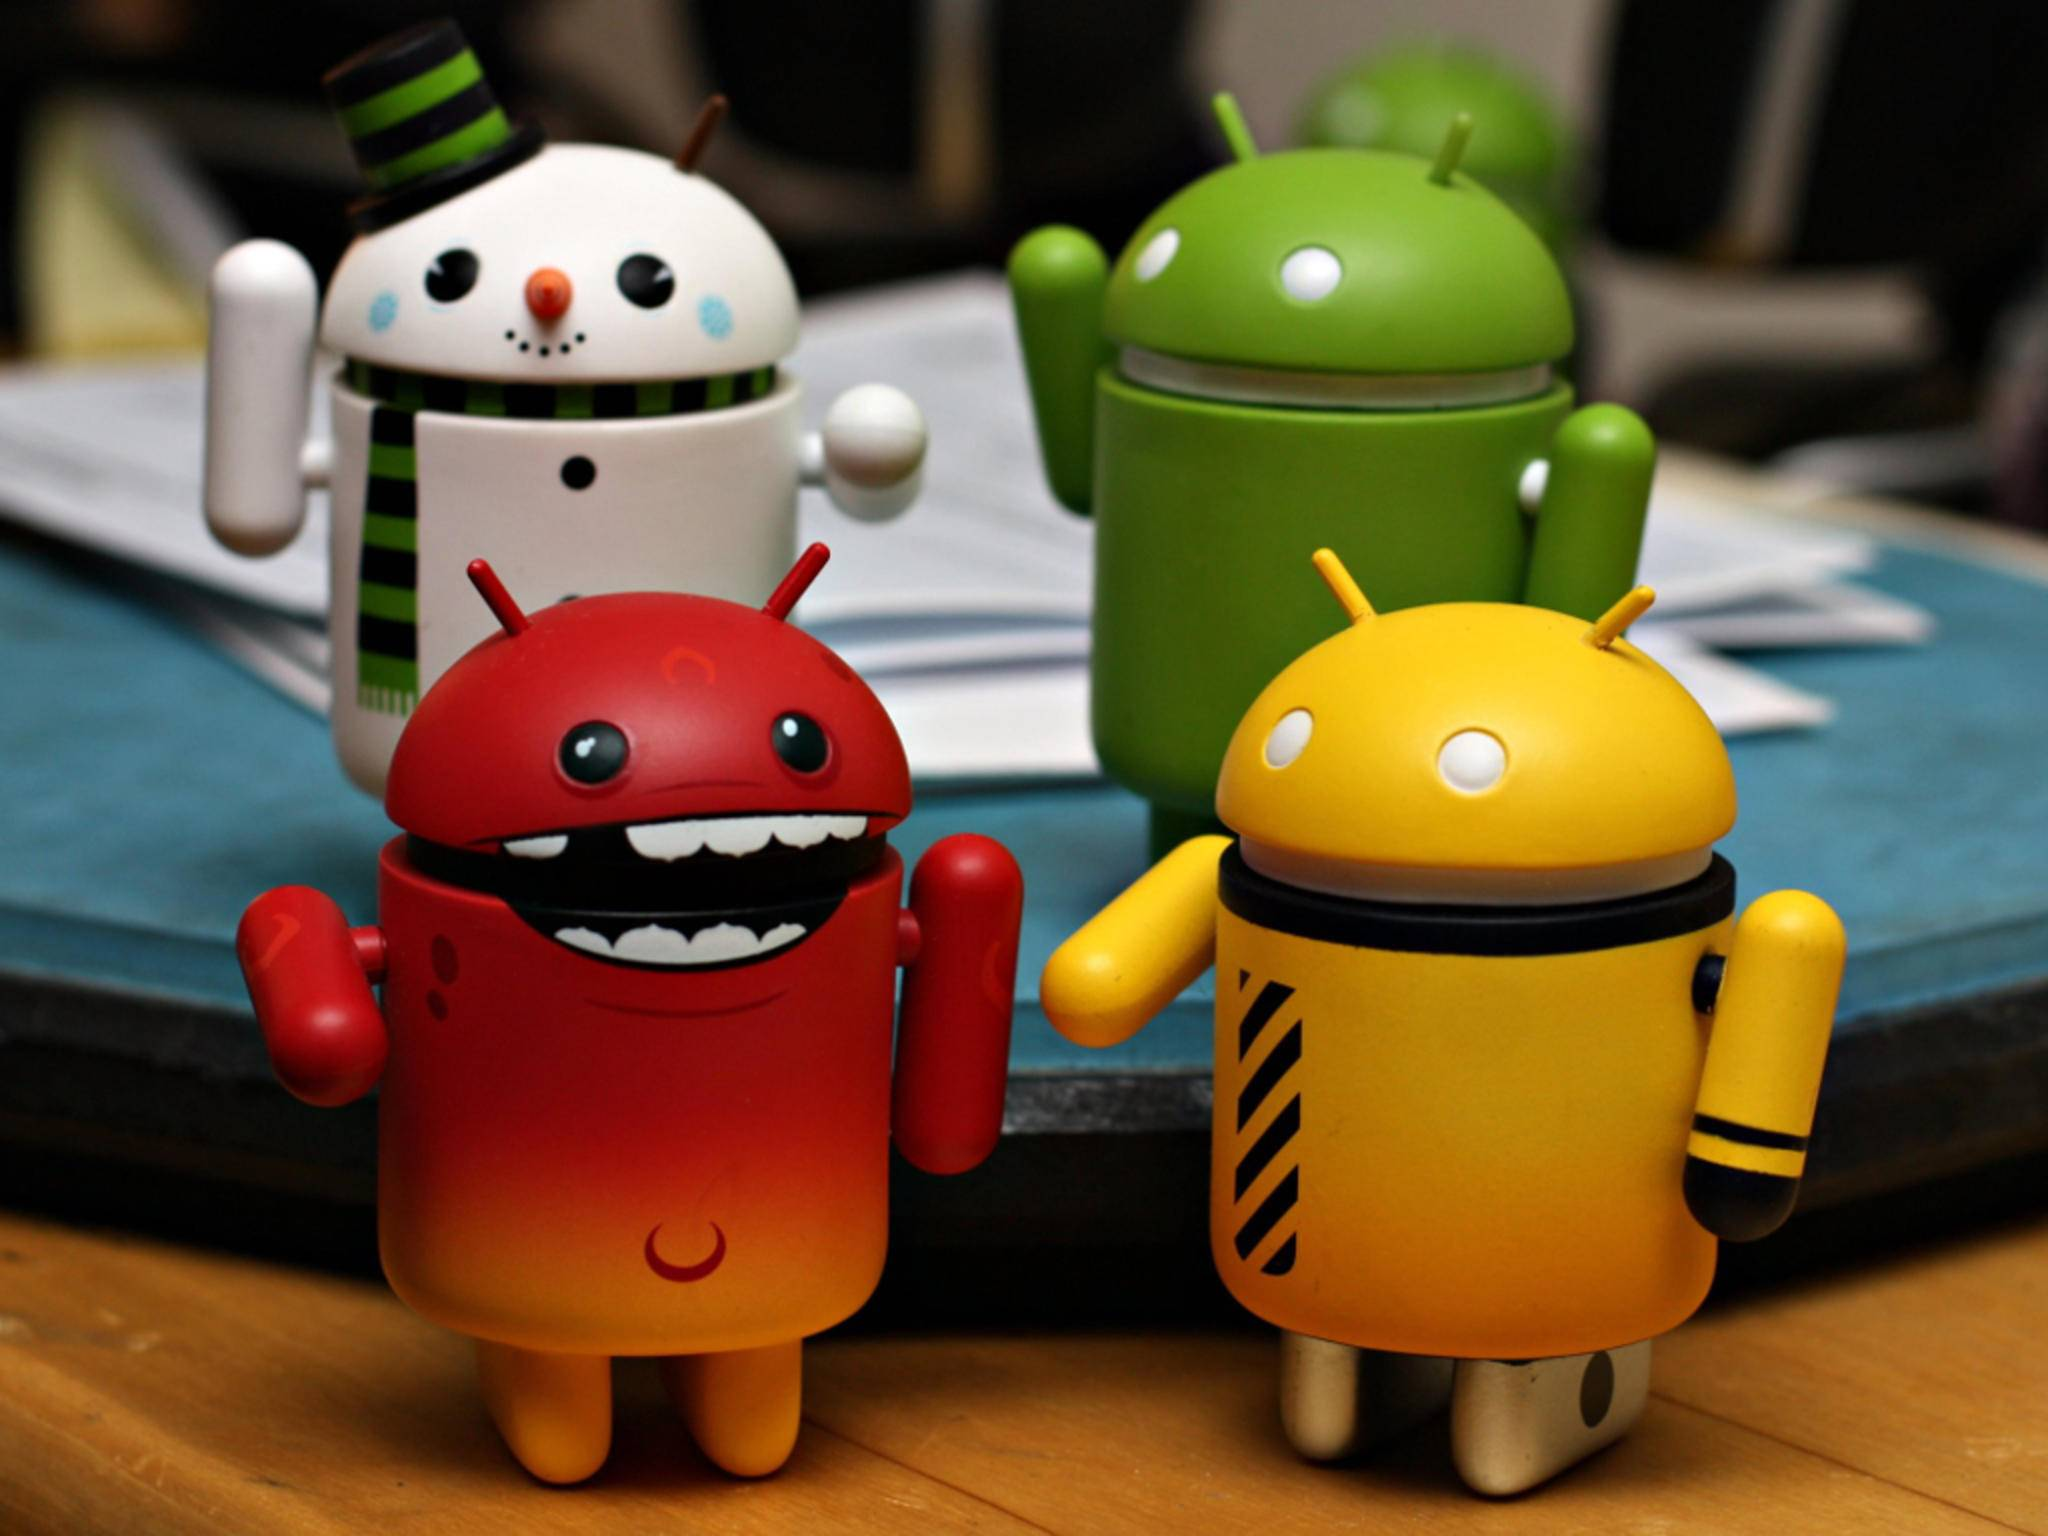 Auch Android soll mehr Emojis bekommen.